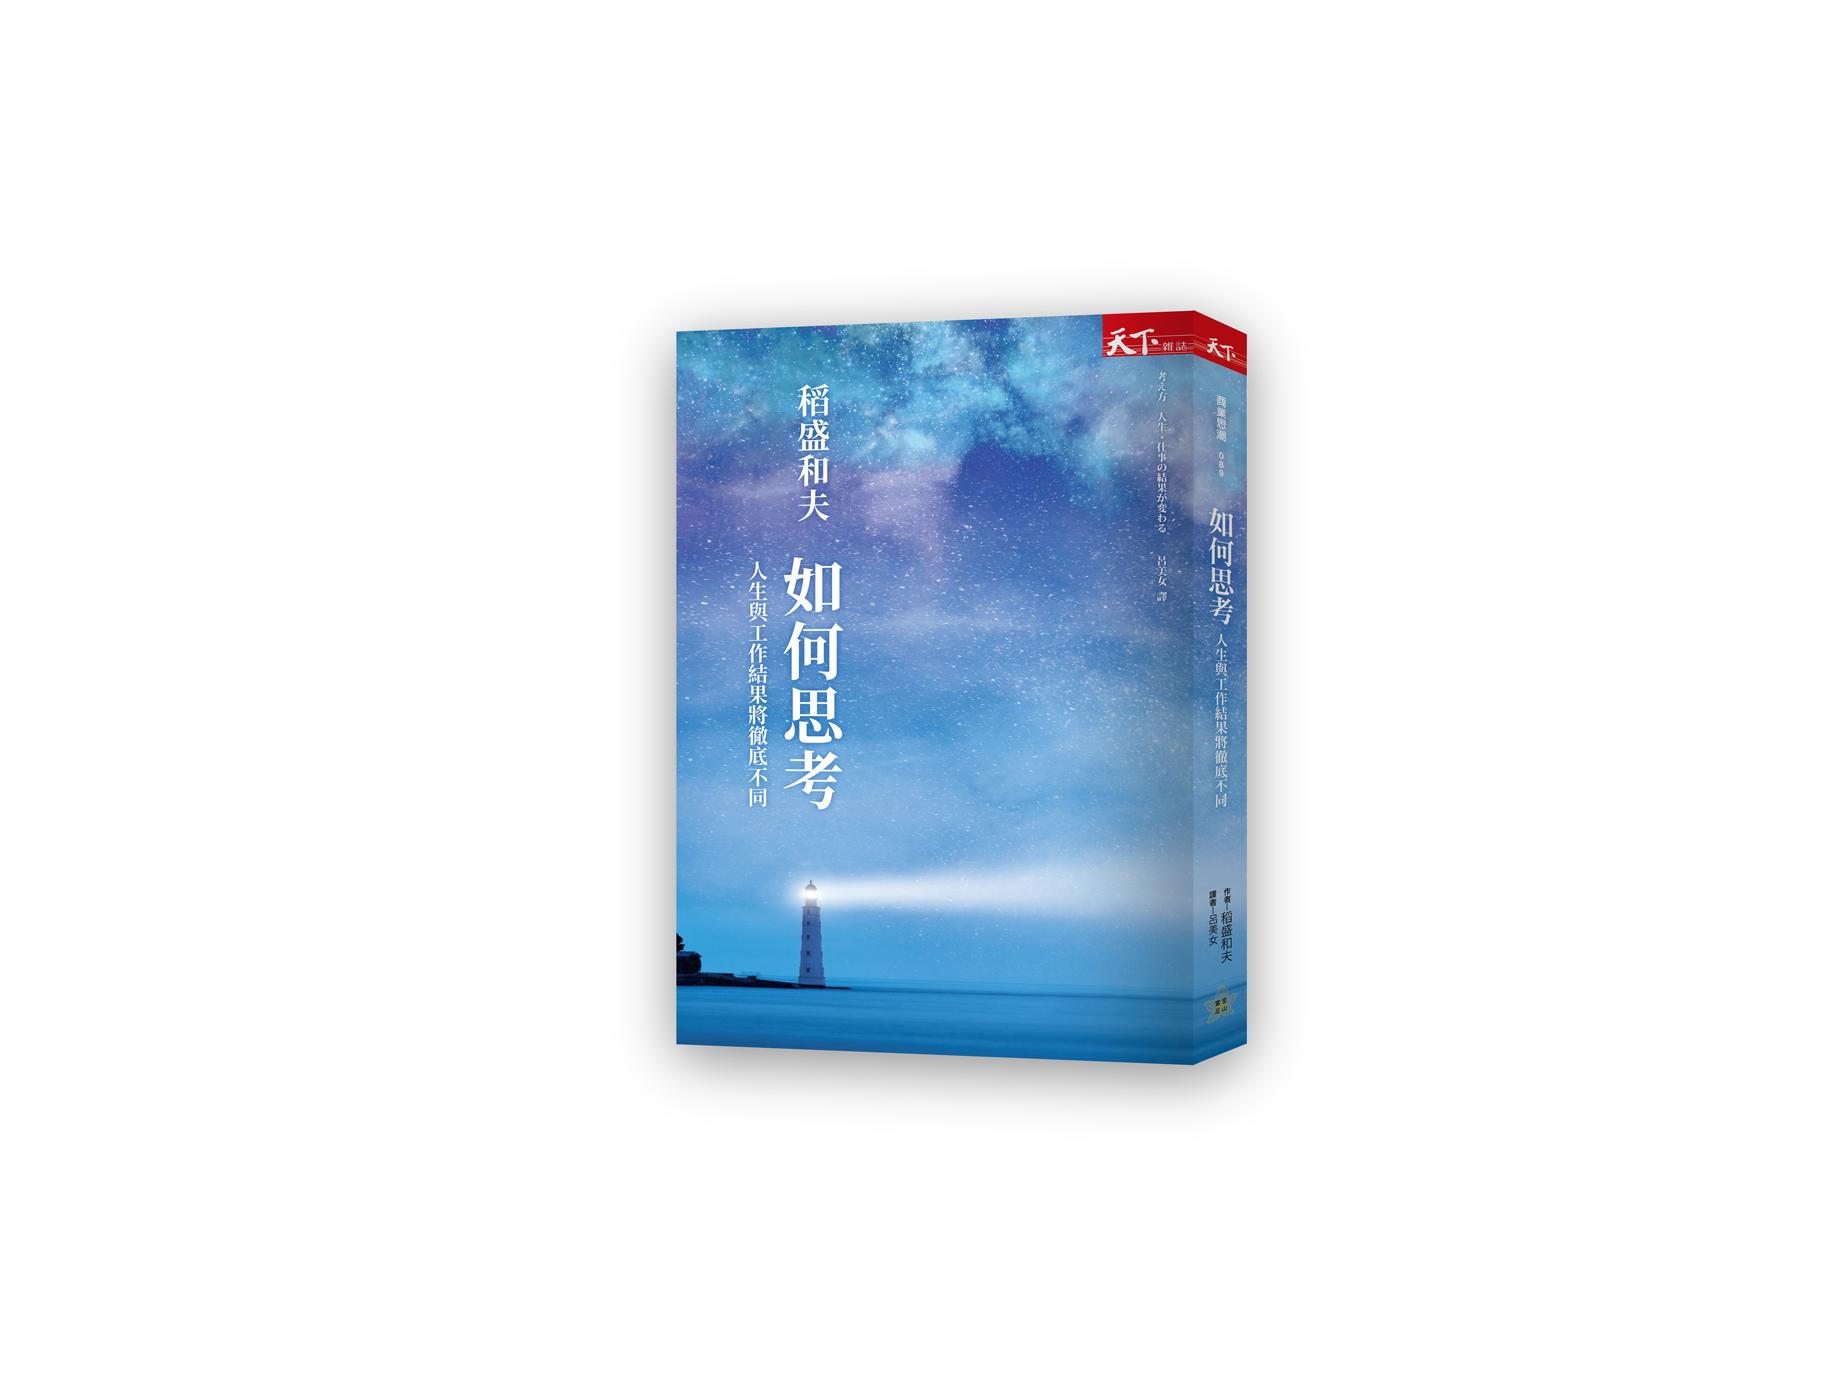 新書搶先看》「完美」思考力,提升自信與工作品質